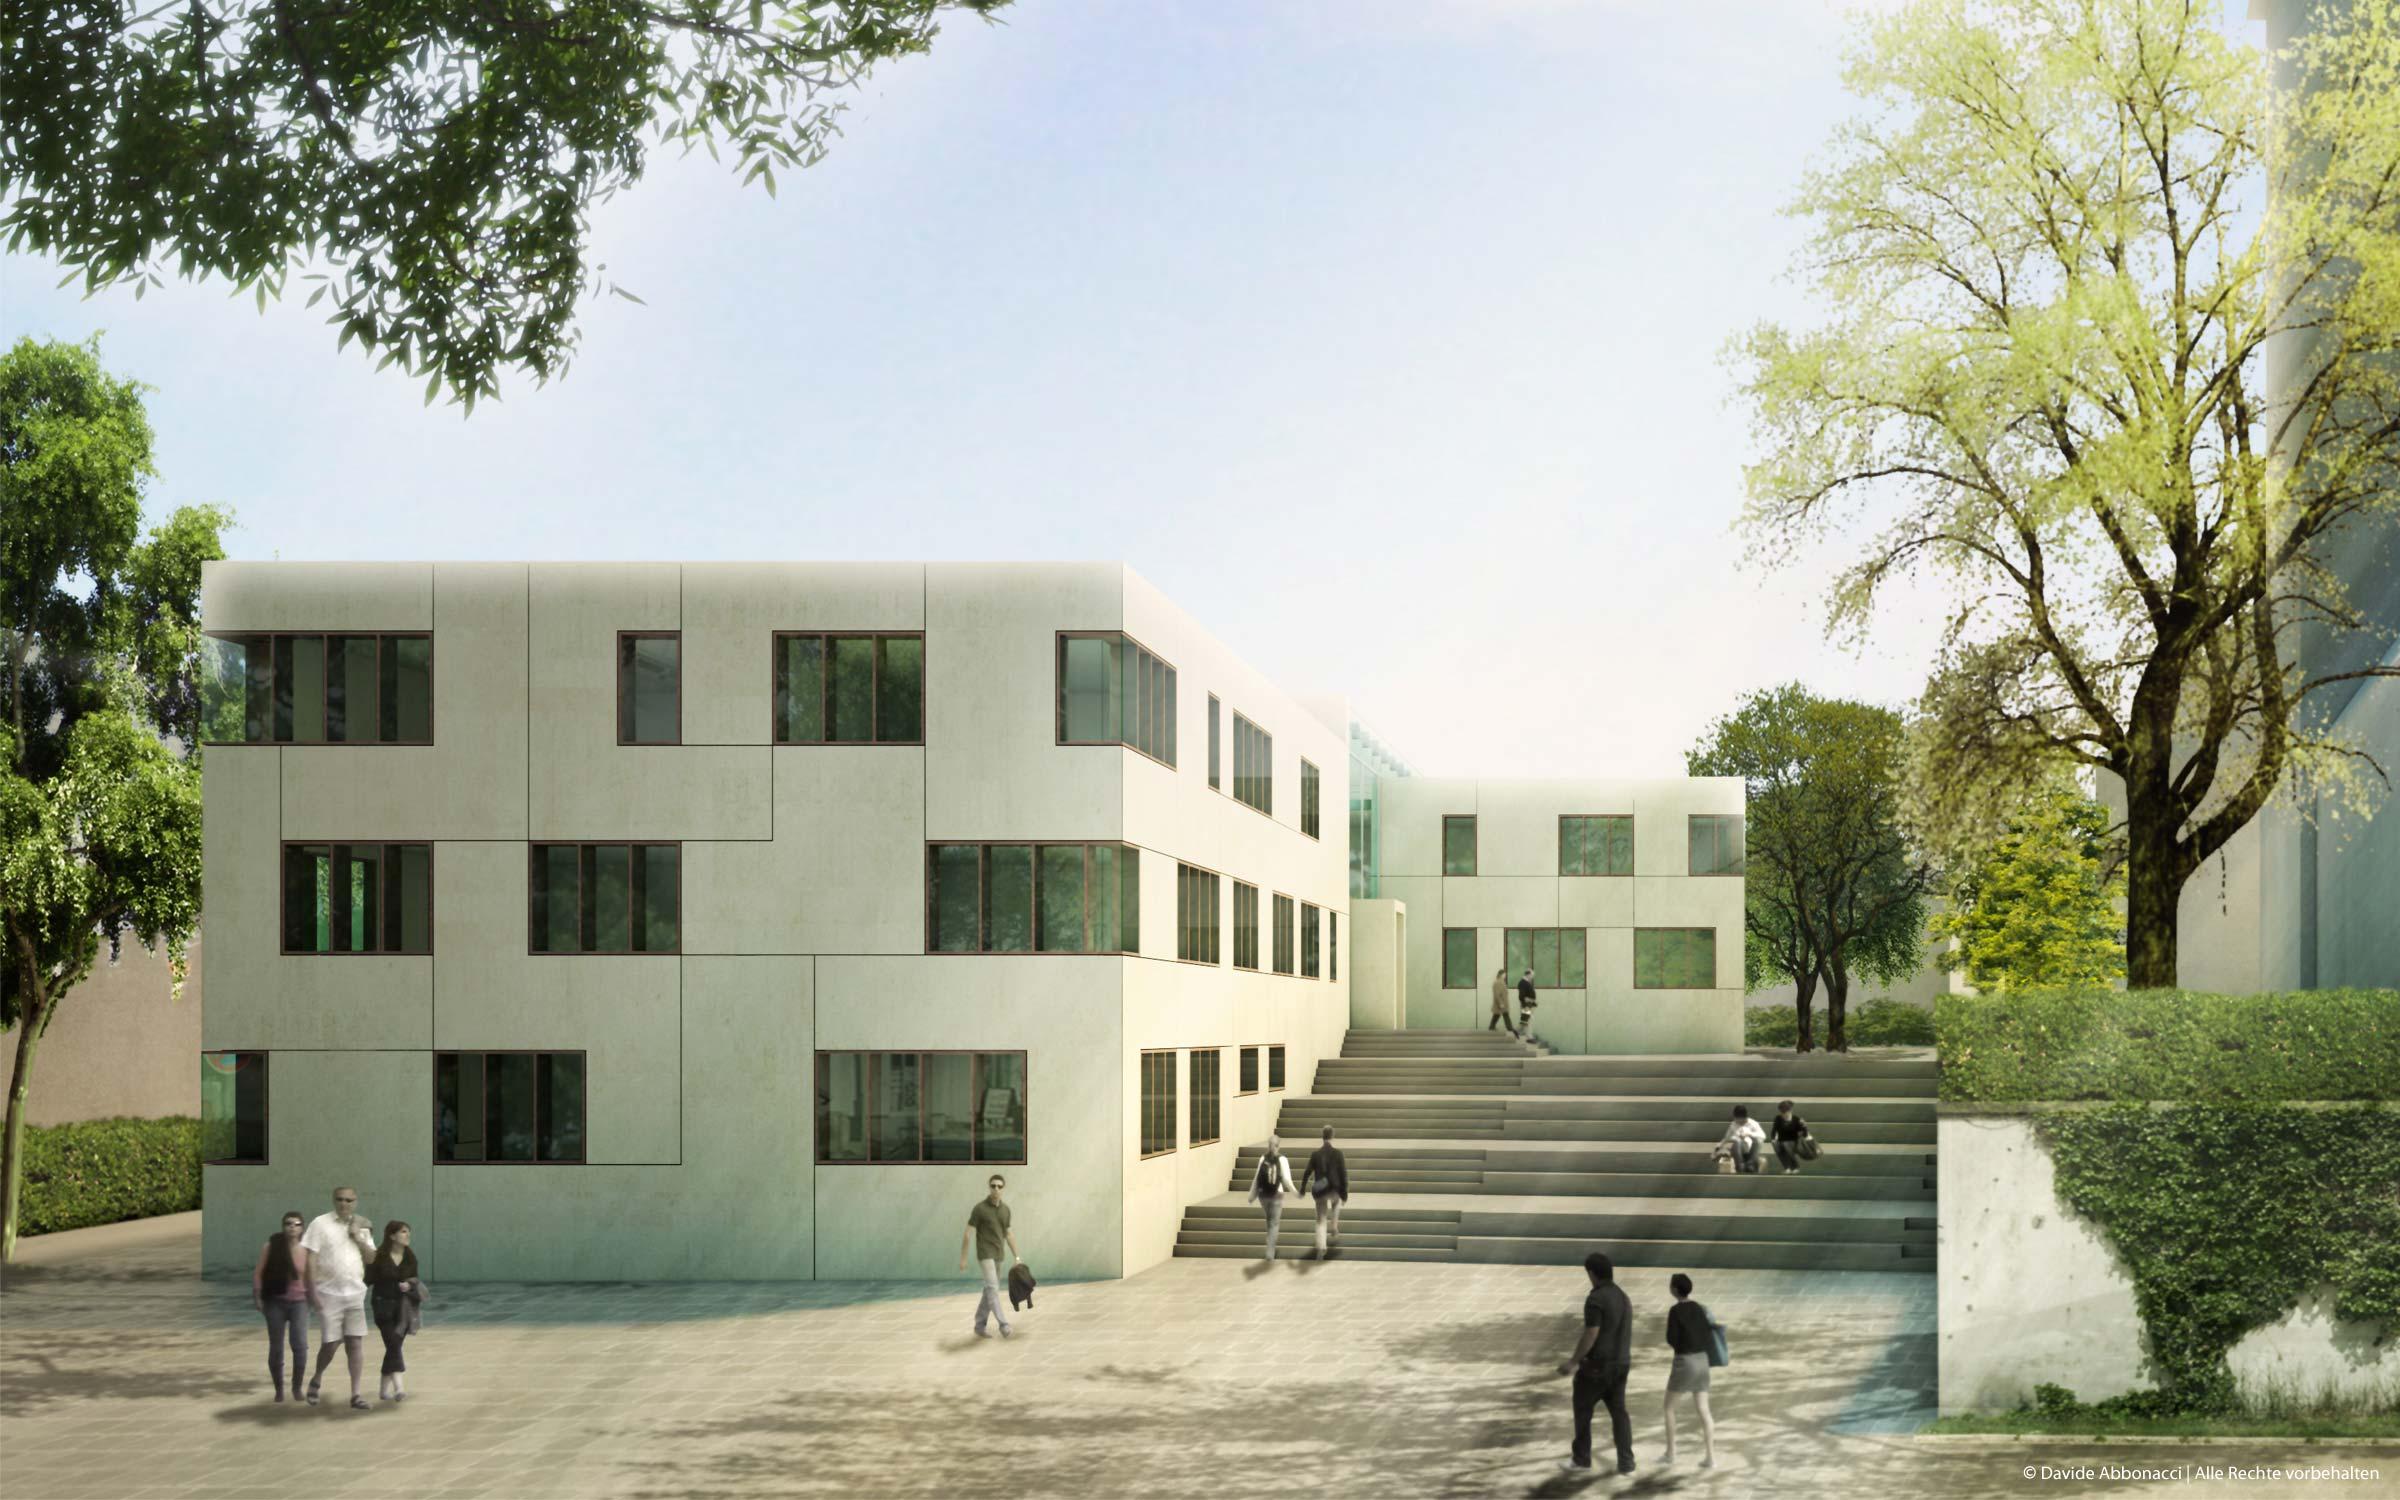 Rathaus Leingarten   Christine Edmaier Architektin   2009 Wettbewerbsvisualisierung